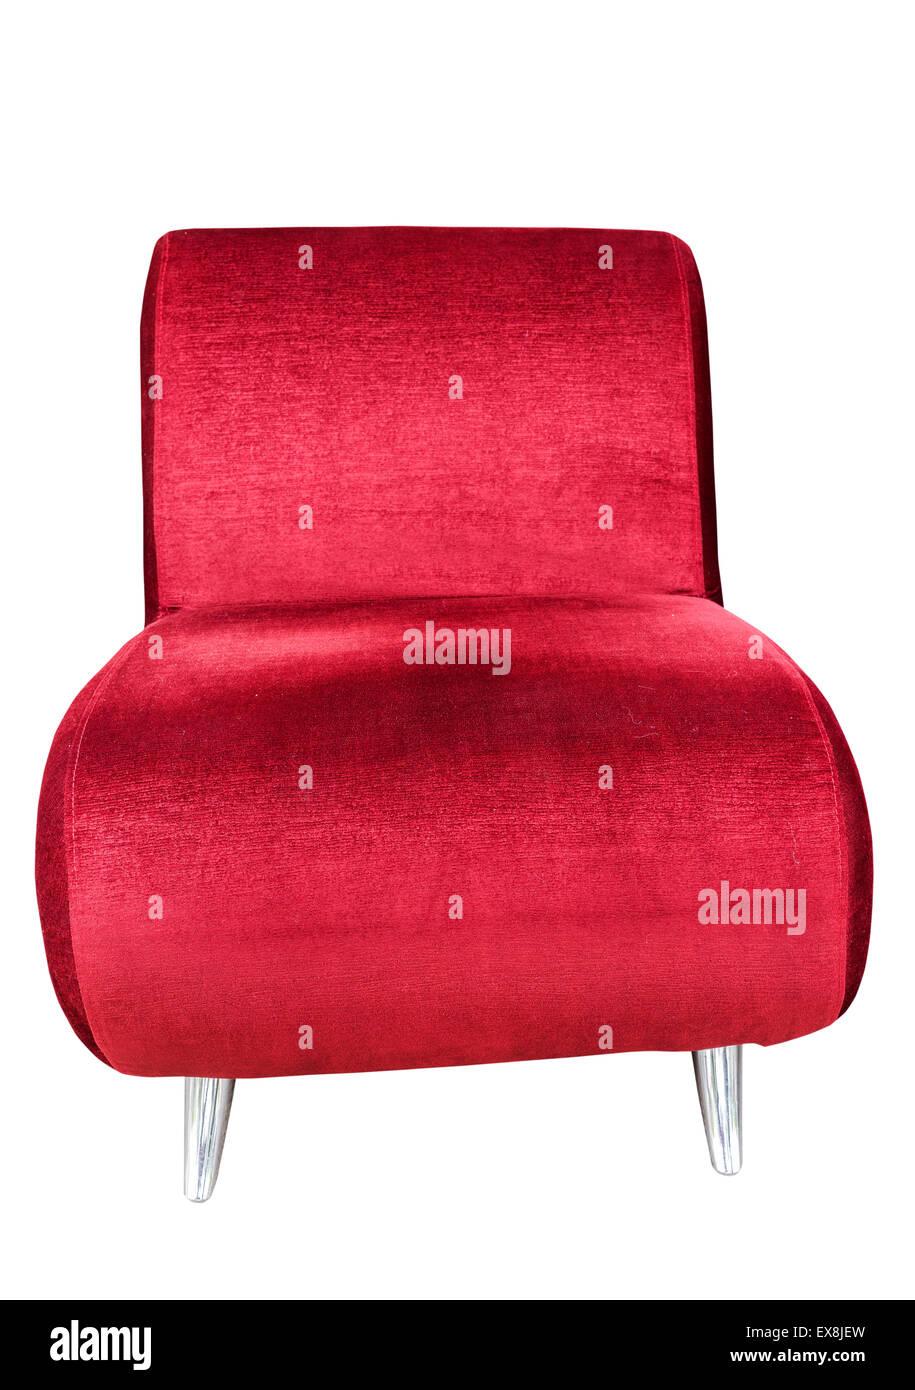 Divano rosso sede isolato su sfondo bianco con tracciato di ritaglio Immagini Stock